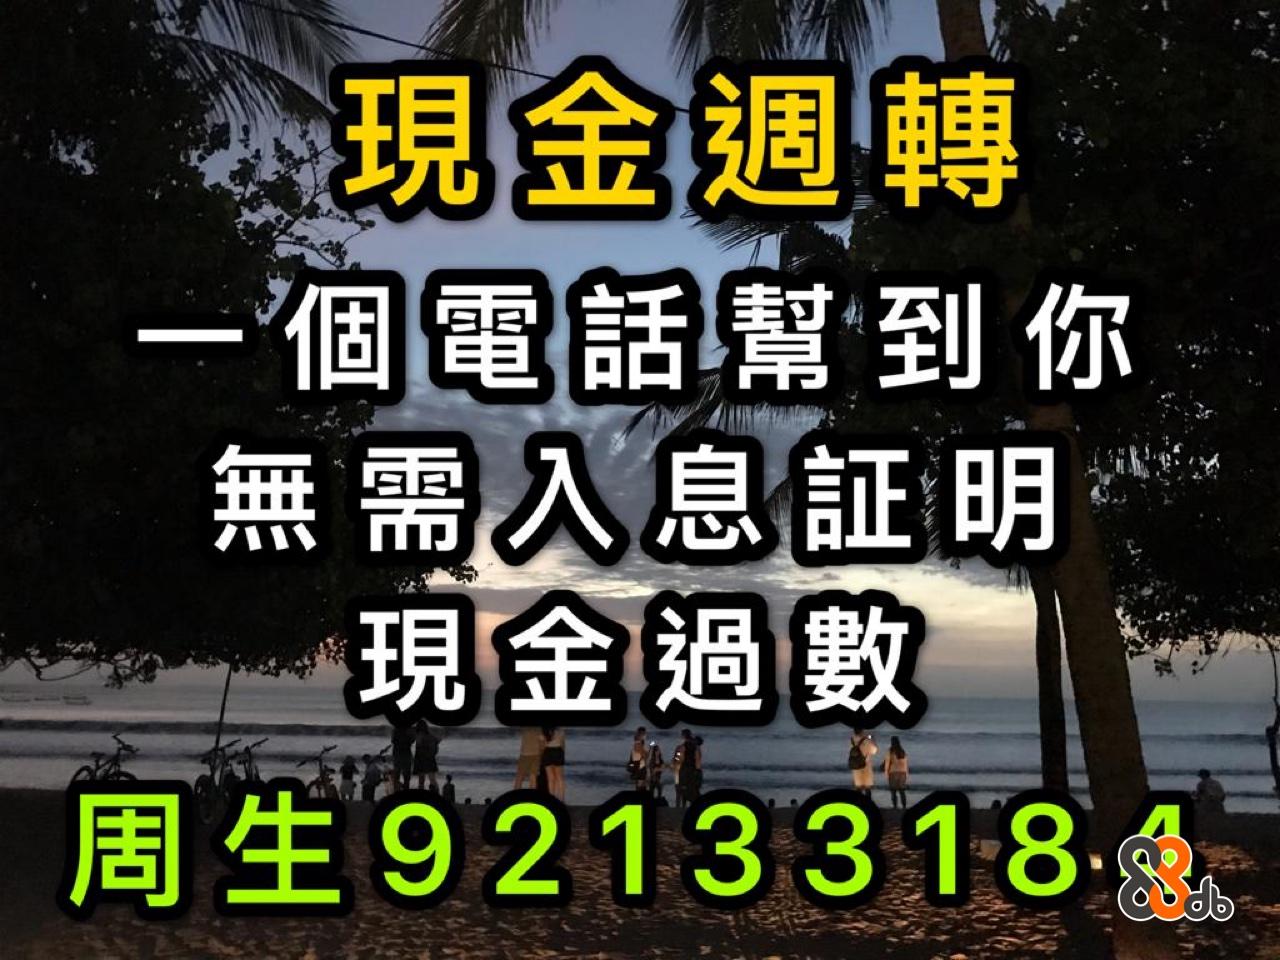 現金週轉 無需 息証明 現金過數 周生921 33184 .  Font,Text,Sky,Tree,Photography